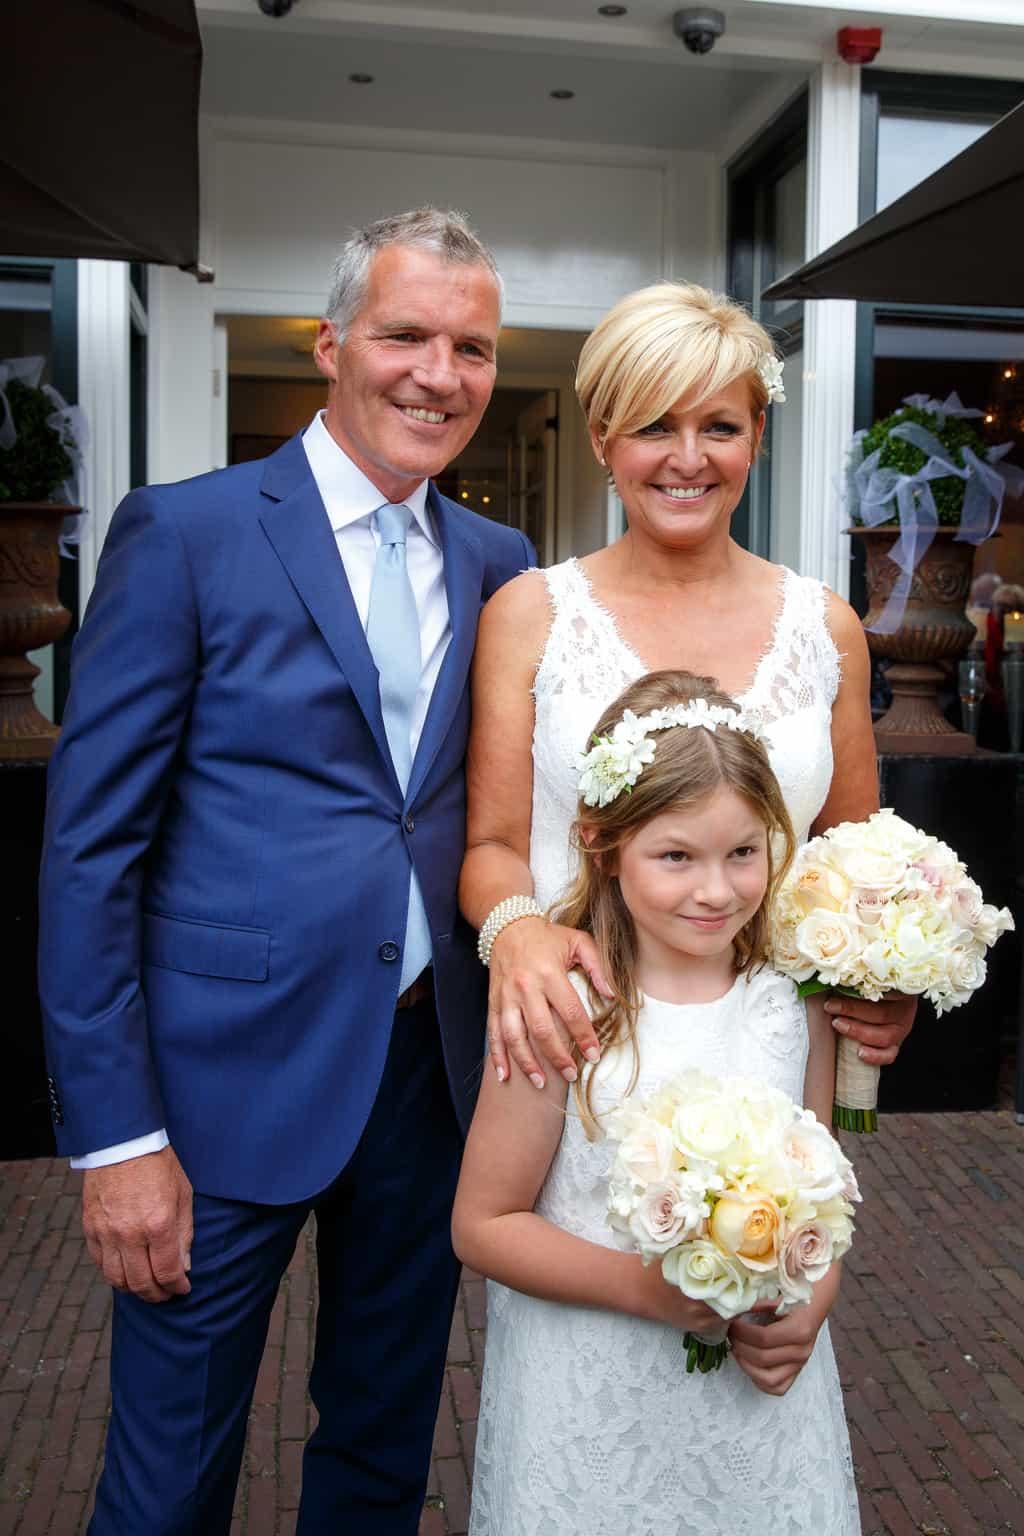 Huwelijk Caroline en Ernst Jan Evert Doorn Fotografie, trouwen op Vlieland, weddingplanner